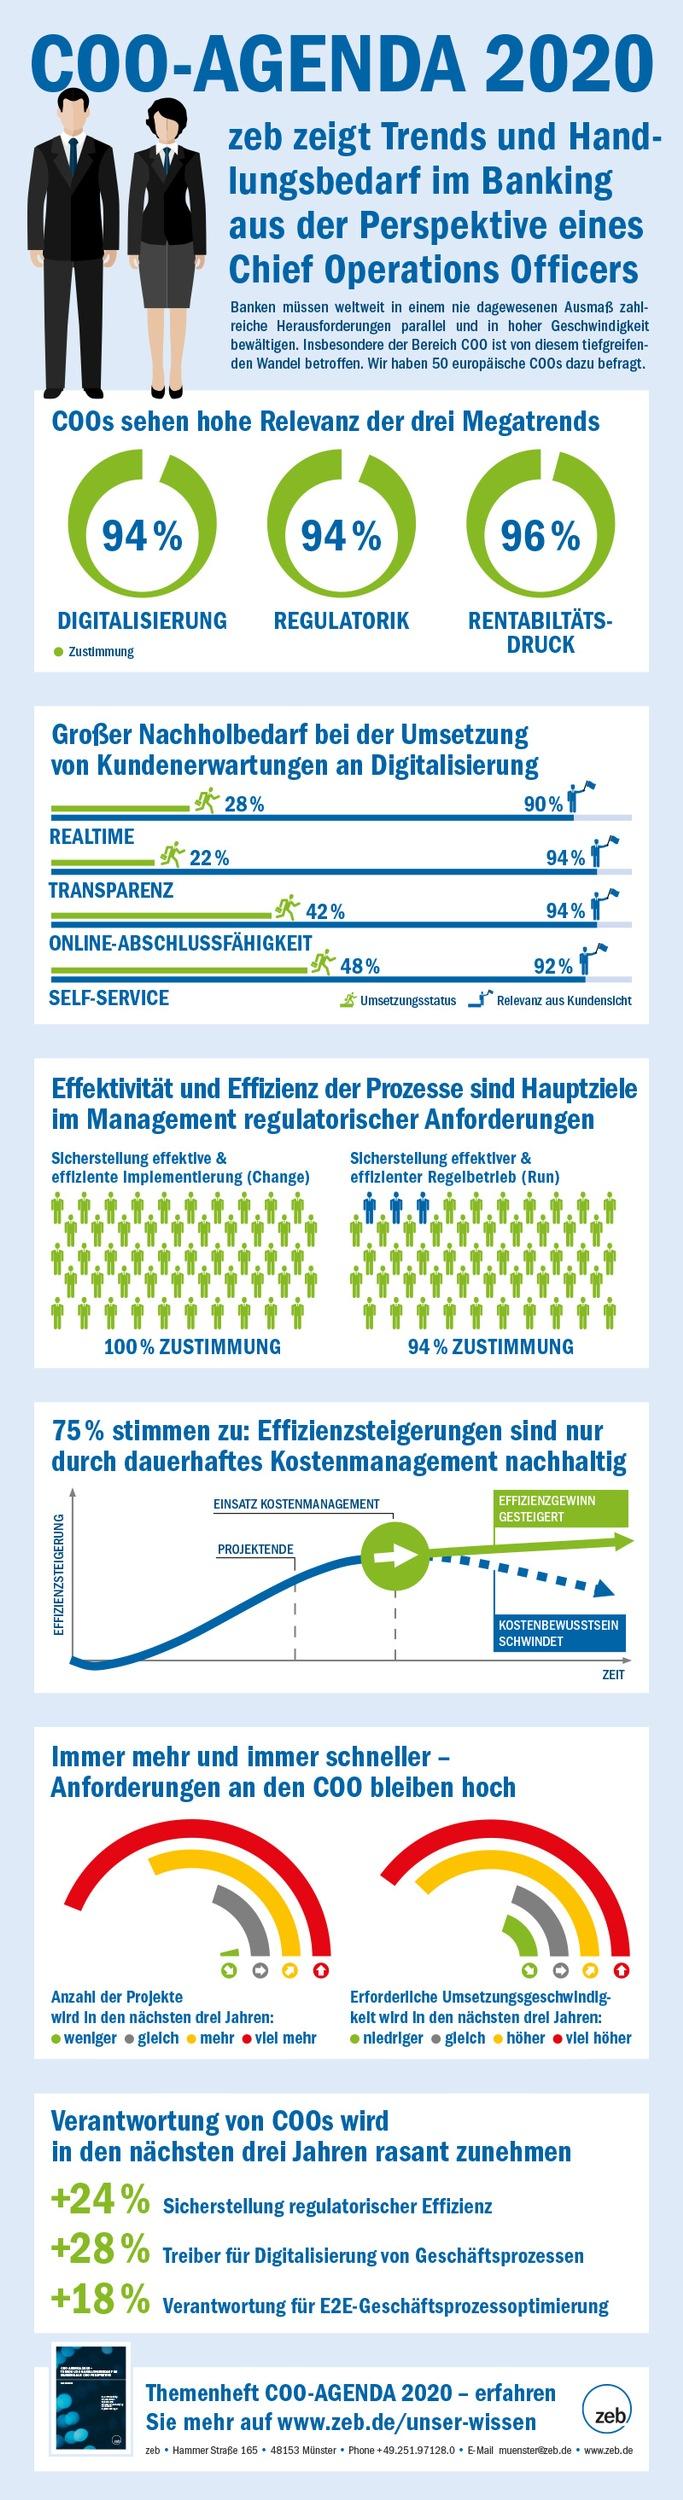 COO-AGENDA 2020: Digitale Kundenerwartungen bisher kaum realisierbar / ZEB-Studie: Effektive und effiziente Compliance bleibtwichtige Baustelle und Kostenmanagement eine Daueraufgabe